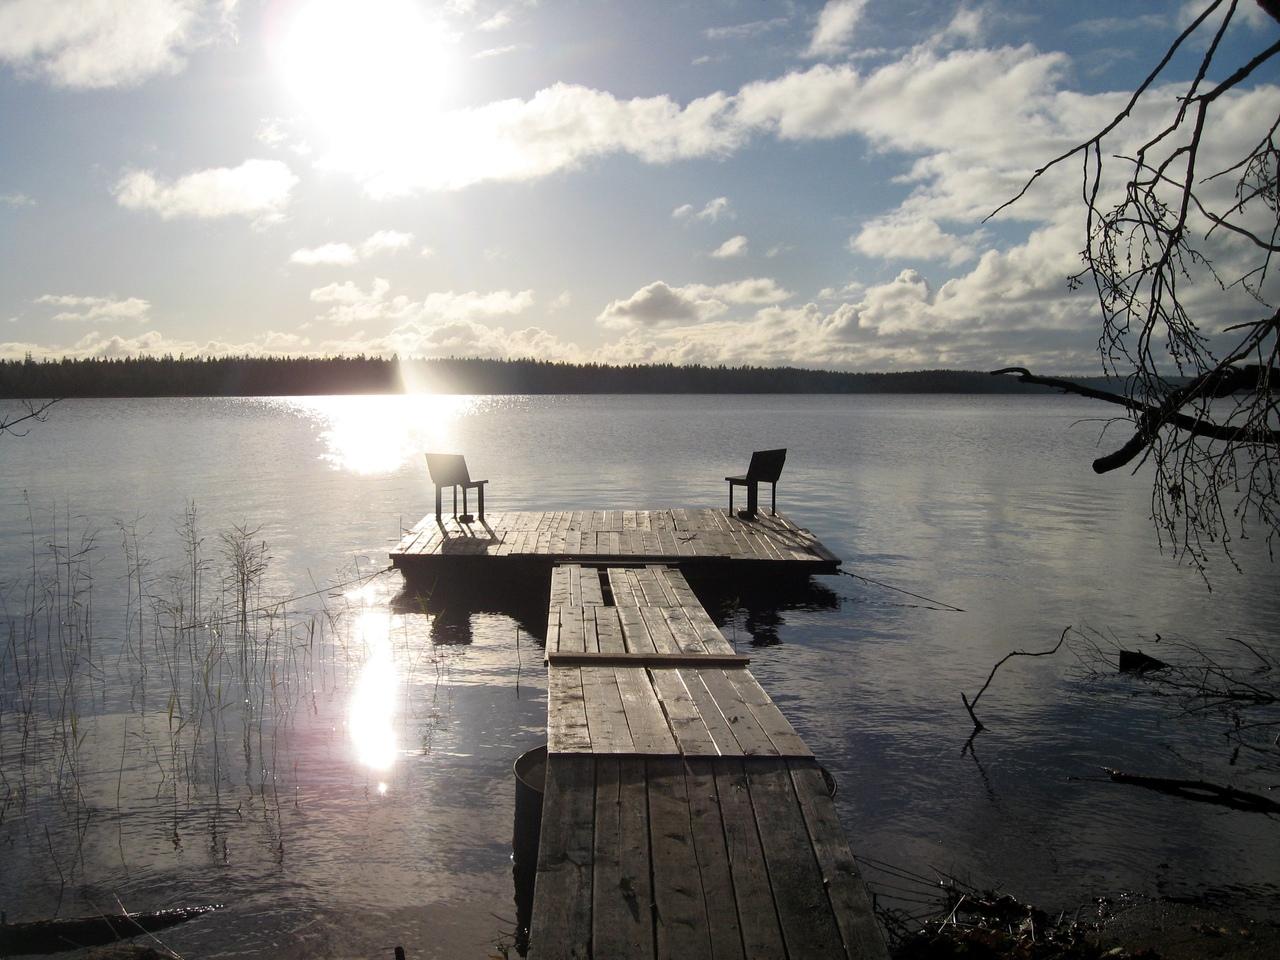 Поход 68км-Горавалдай-Шепелево. Часть 2: Красоты озера Горавалдайского и Шепелевский маяк.